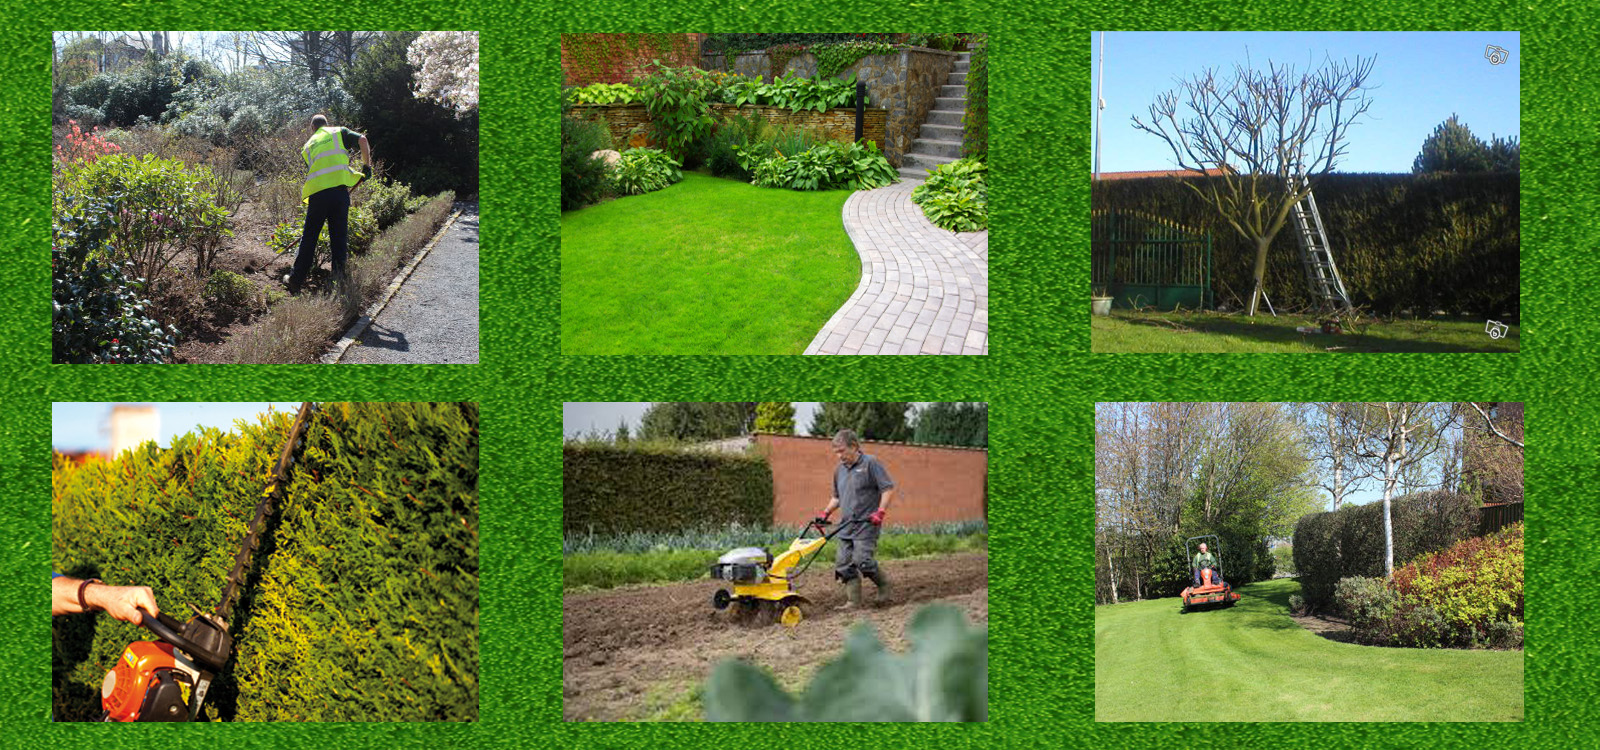 Entretien d espaces verts et jardins jardinage lille for Entretien des jardins et espaces verts